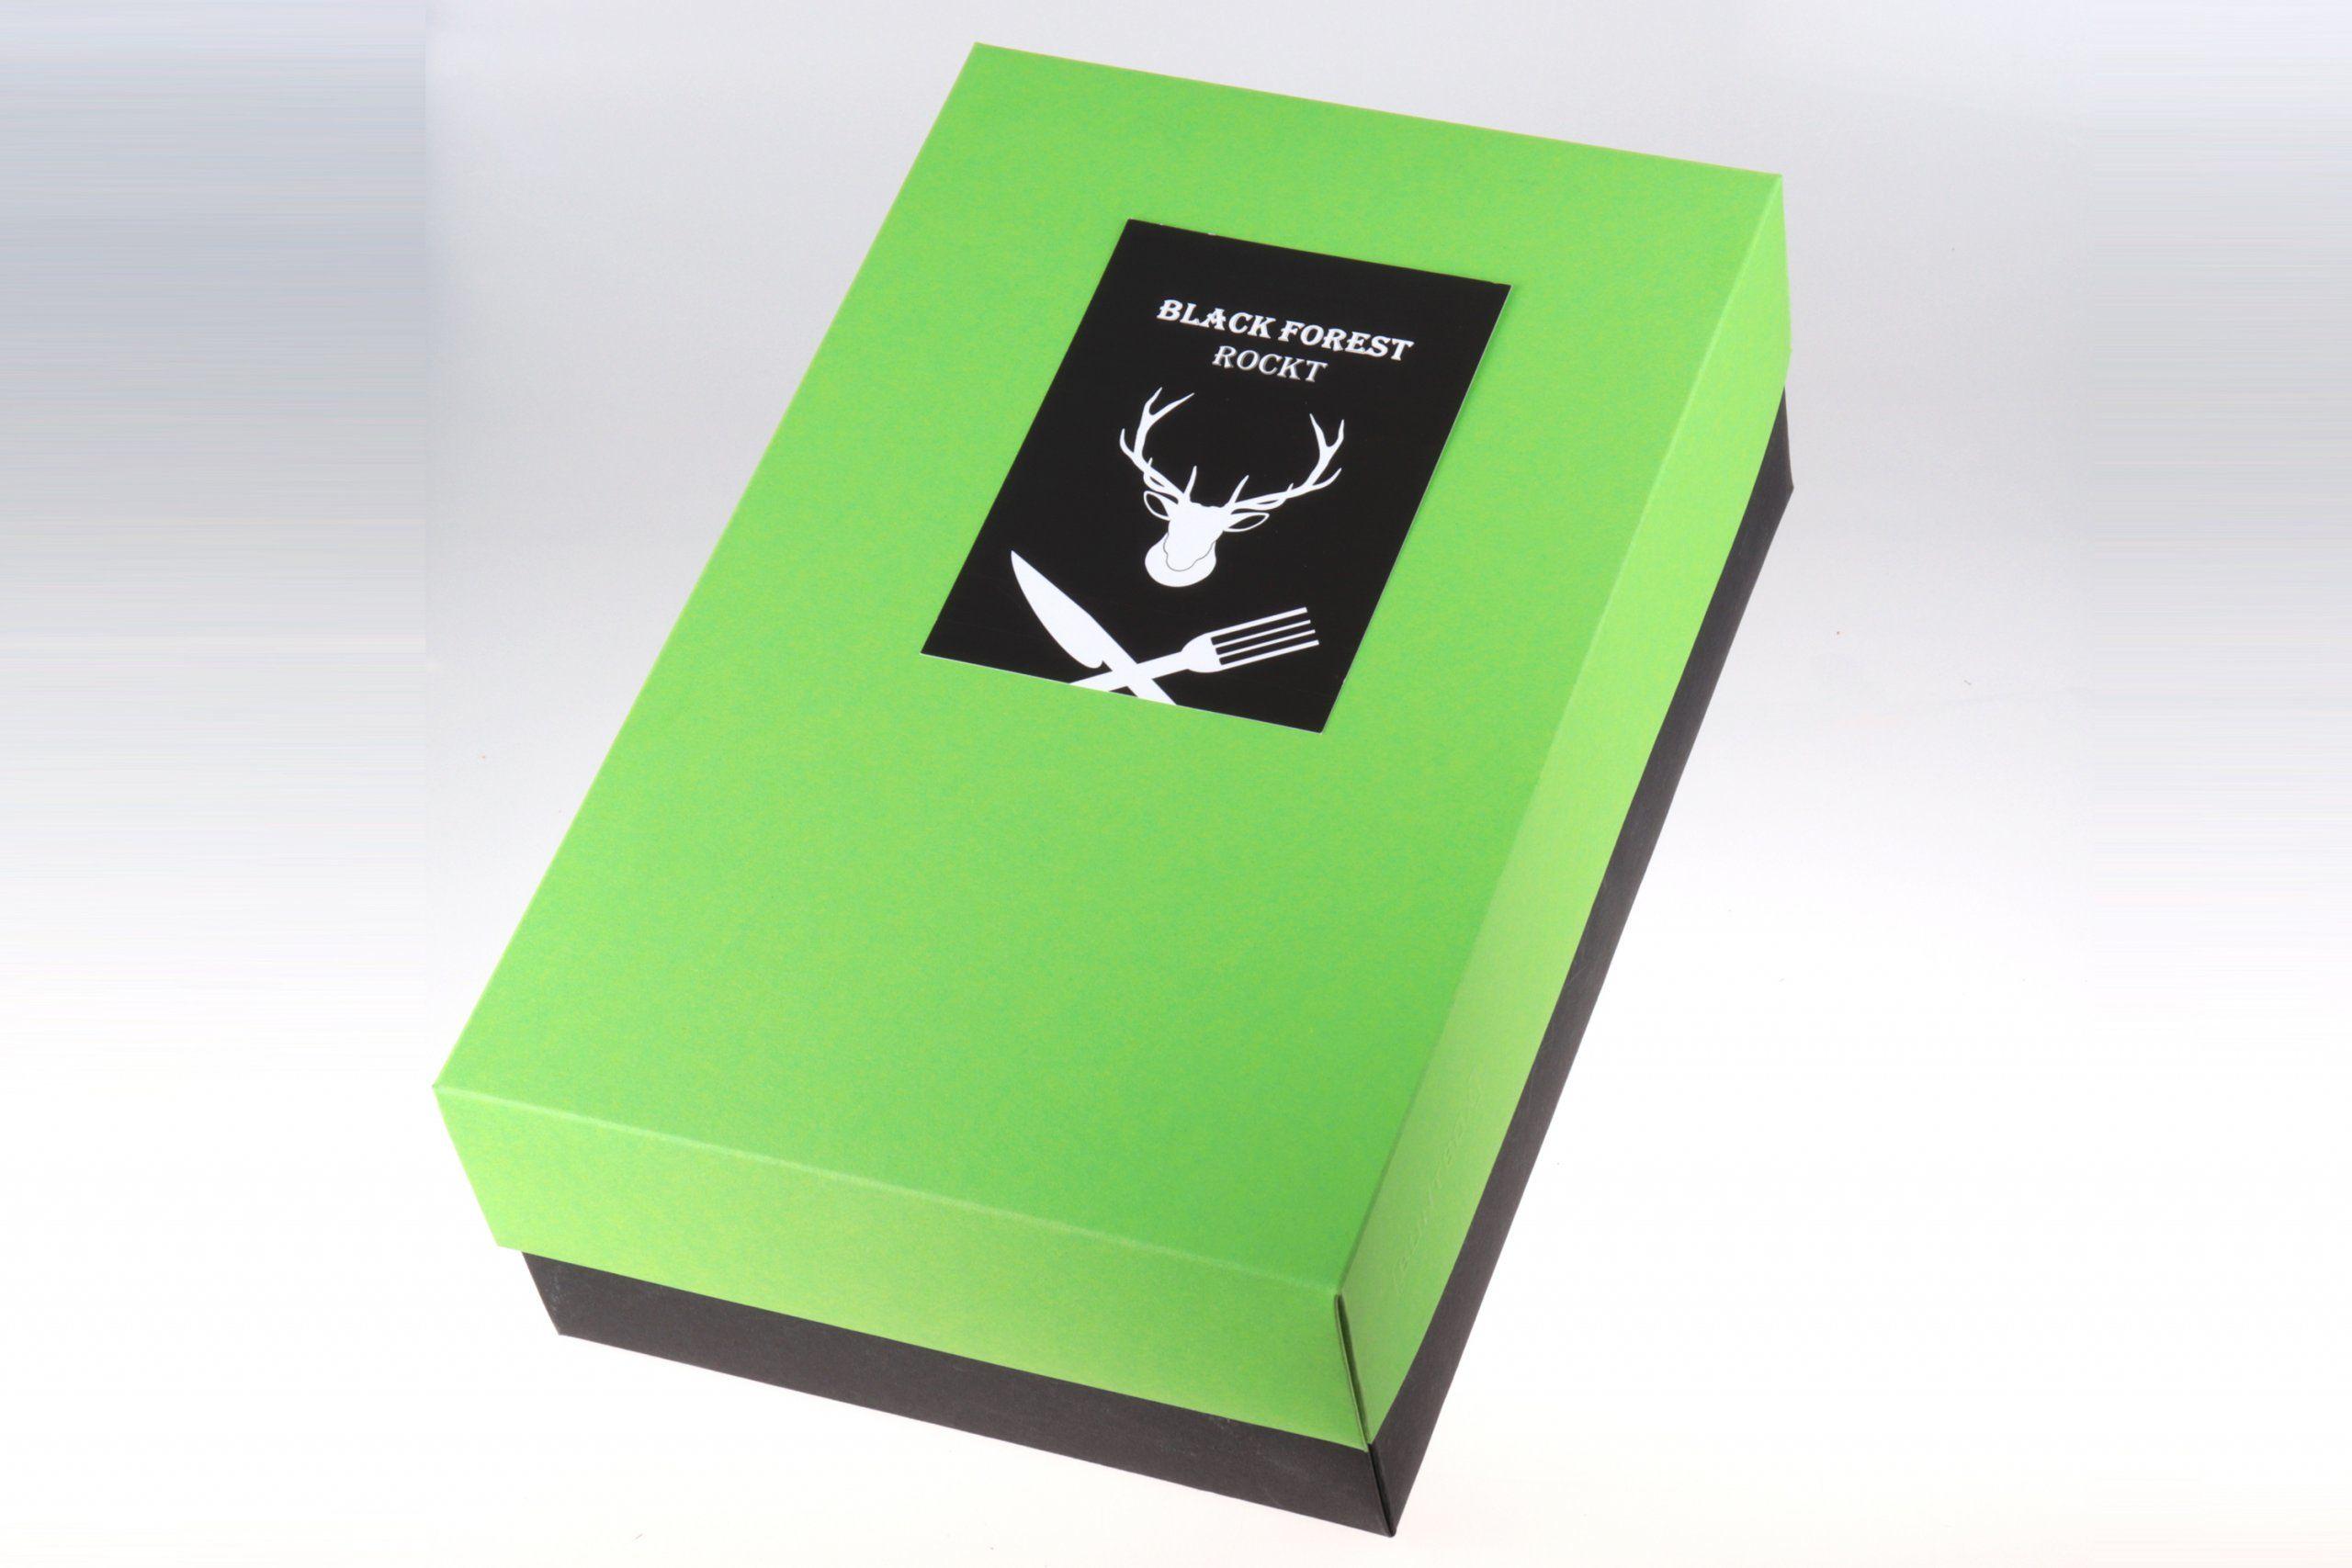 Black Forest Rockt Geschenkbox als Geburtstagsgeschenk von feinjemacht